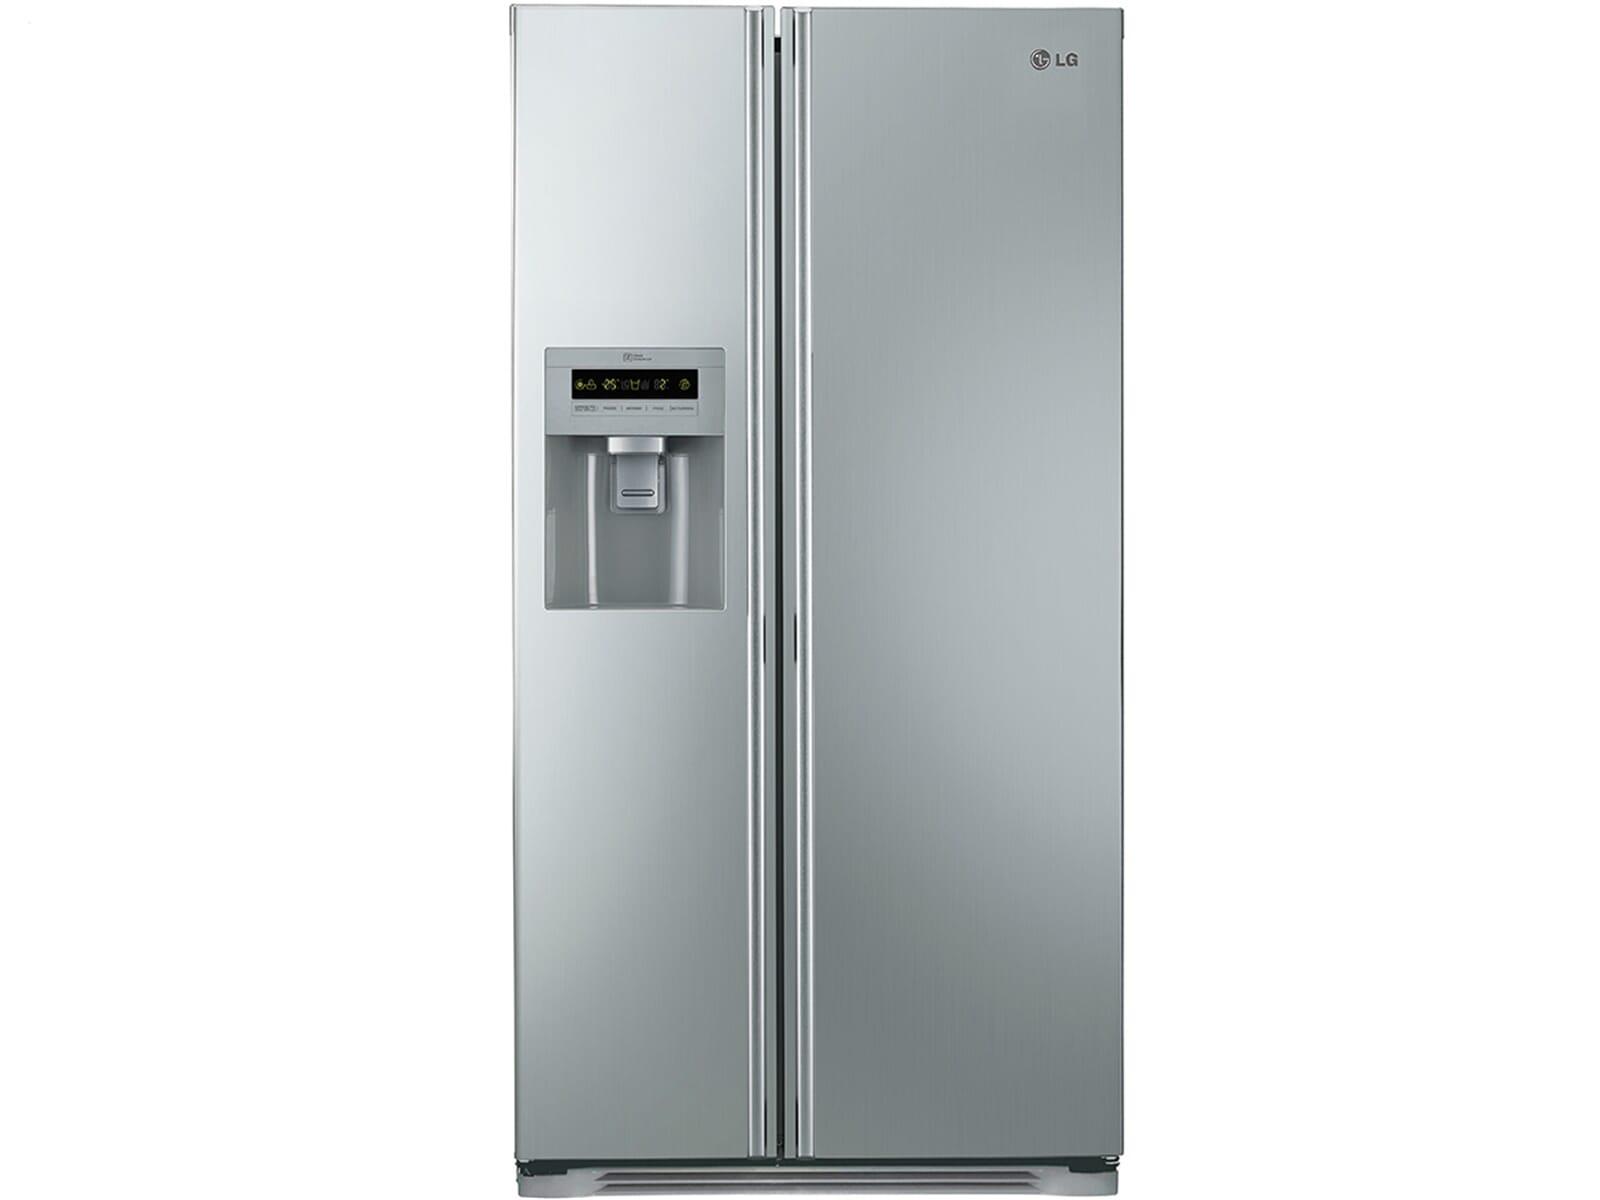 Kühlschrank Lg : Lg kühlschrank mit eiswürfelbereiter side by side kühlschrank